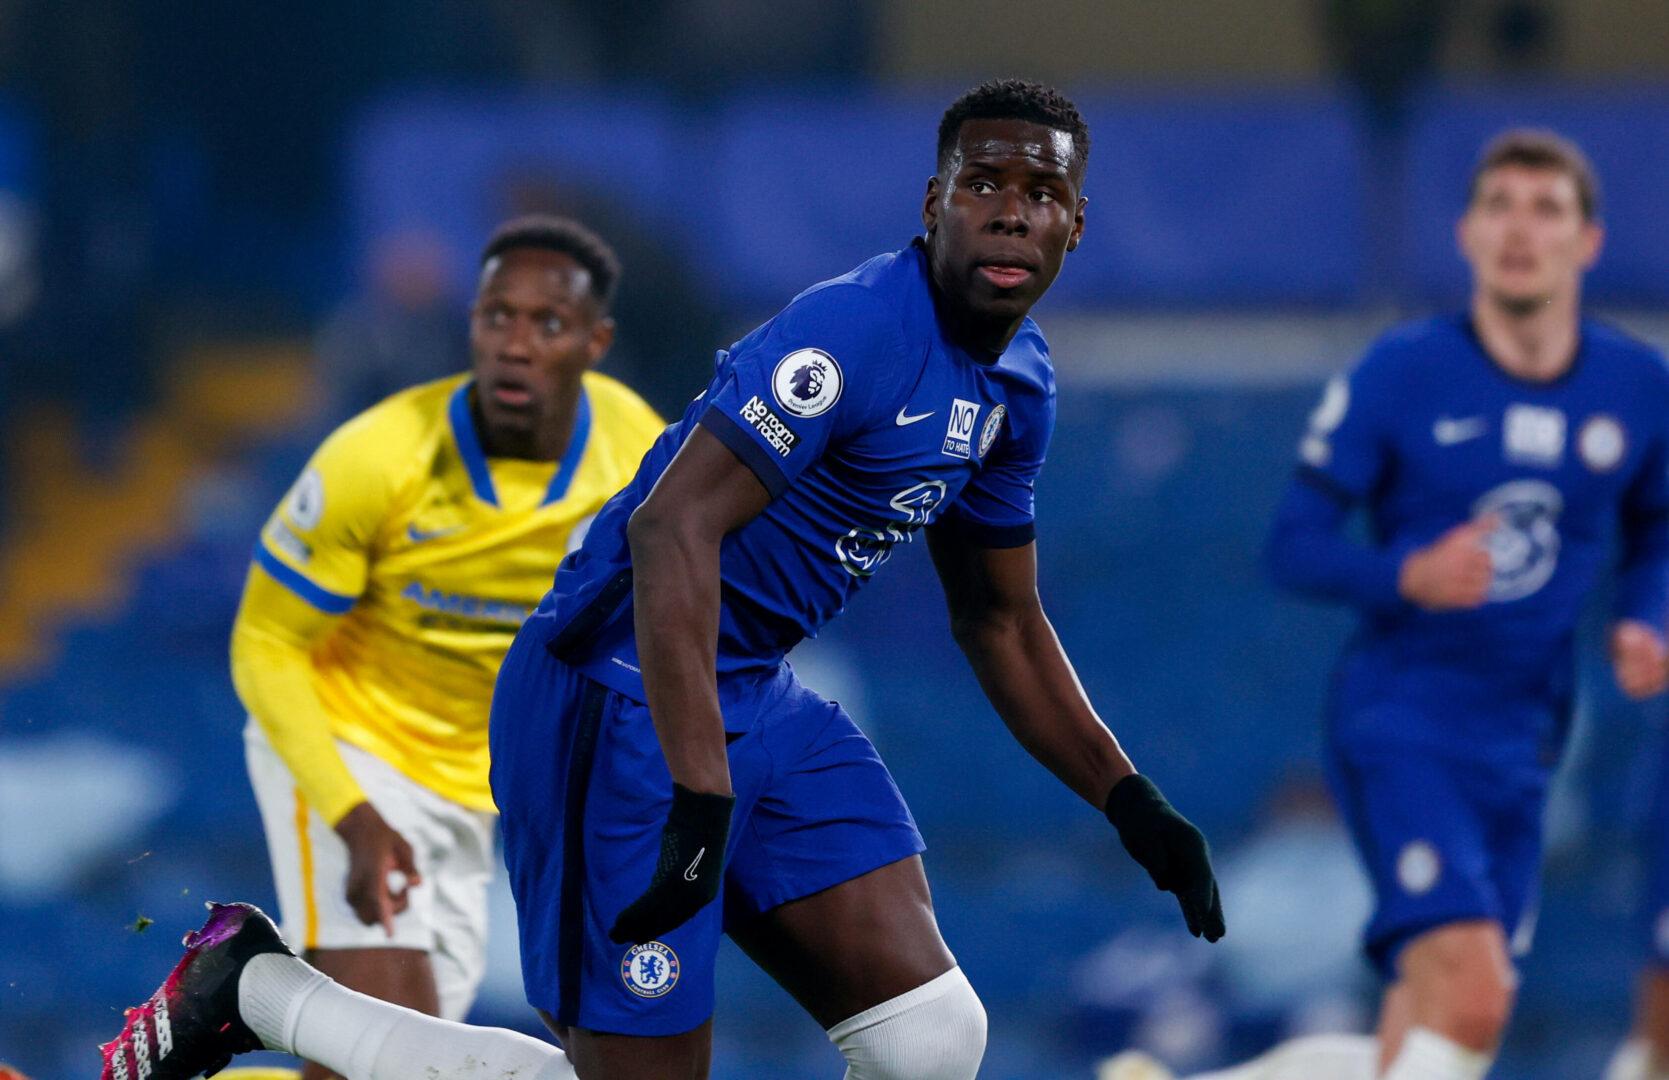 Chelsea-Verteidiger Kurt Zouma schaut fokussiert auf das Geschehen im Duell mit Brighton and Hove Albion.